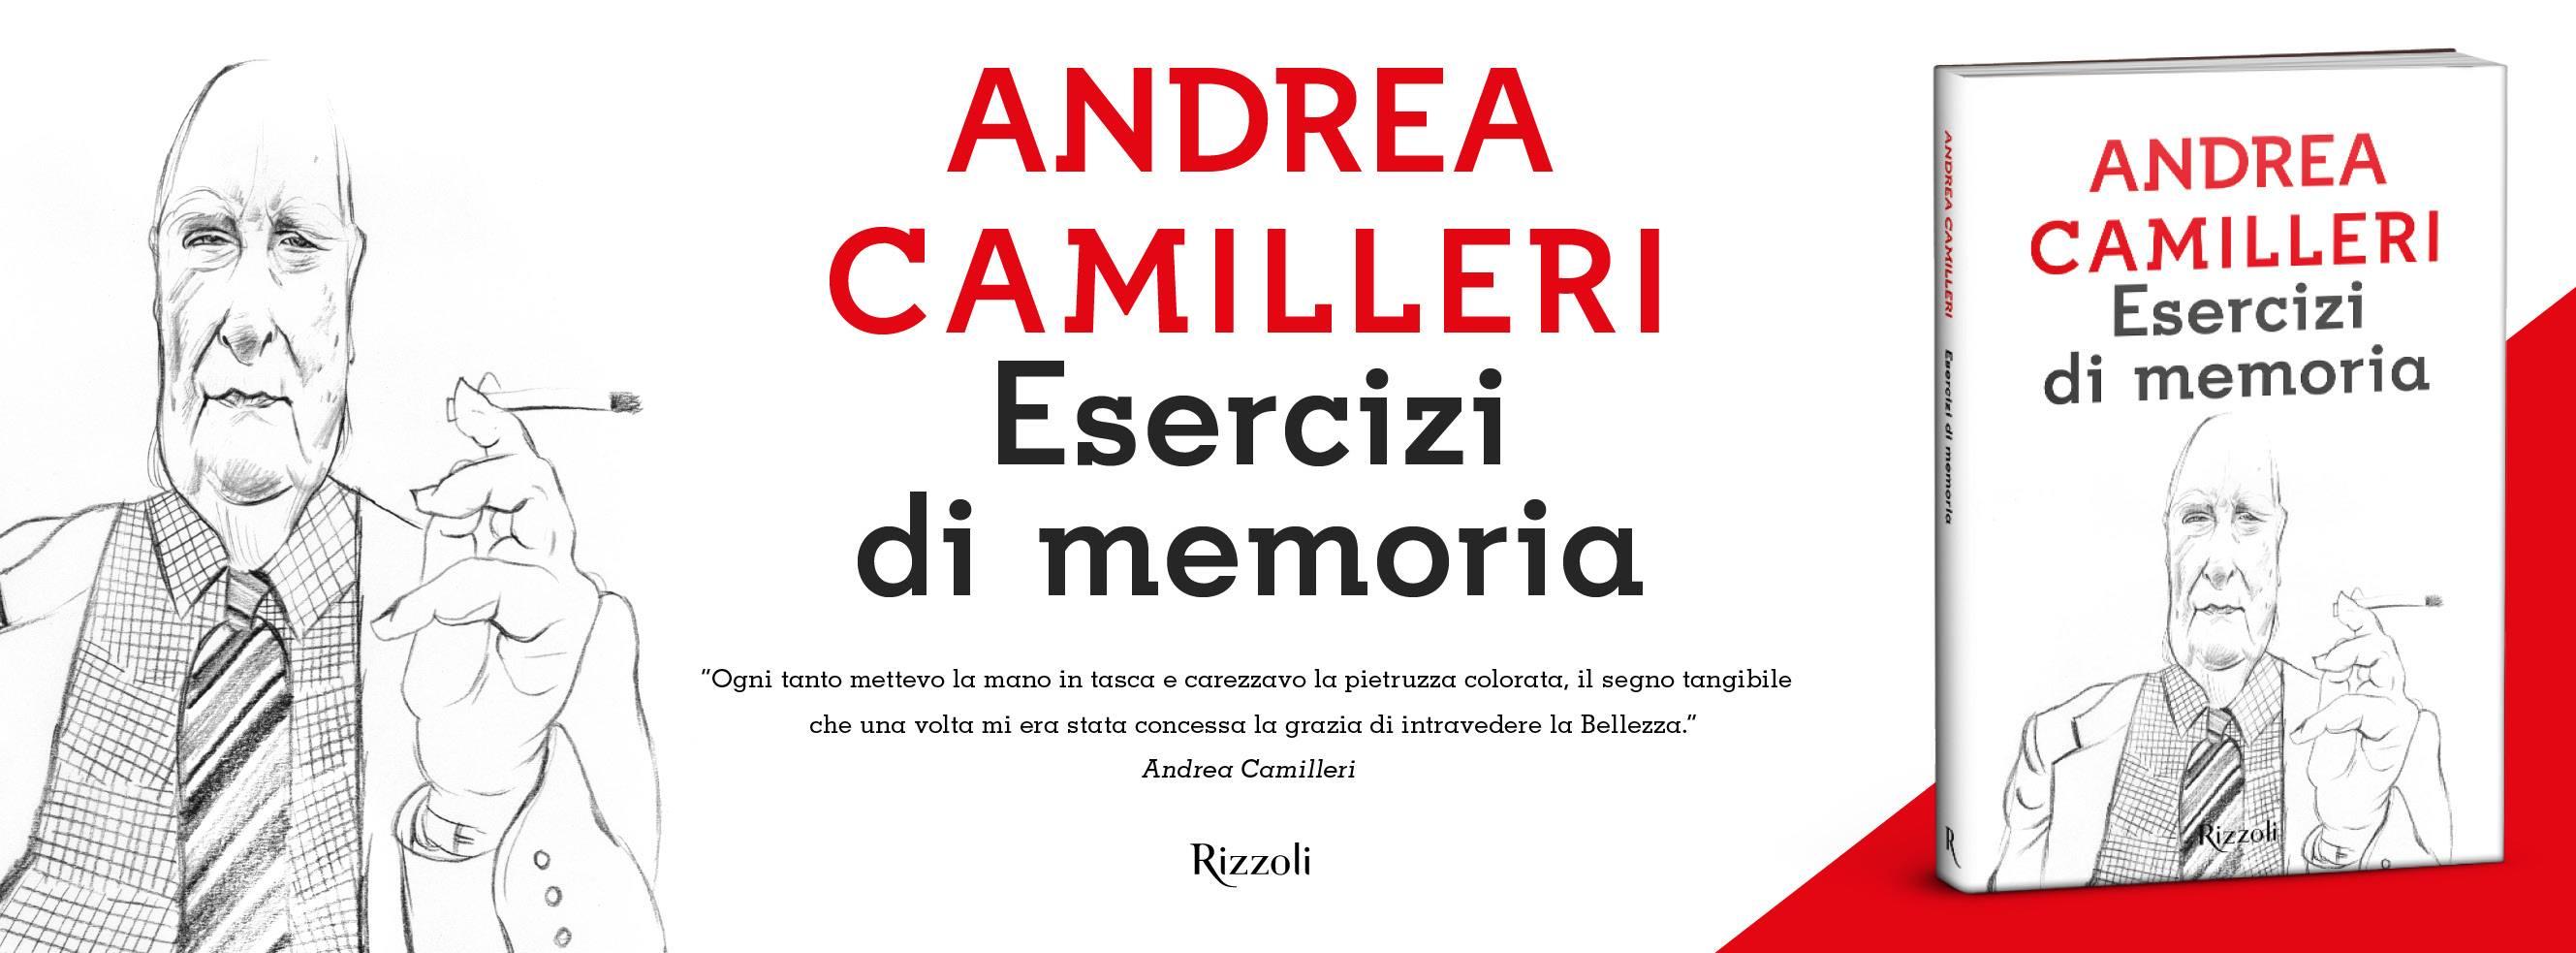 """Camilleri E Il Suo Ultimo Libro """"Esercizi Di Memoria"""""""